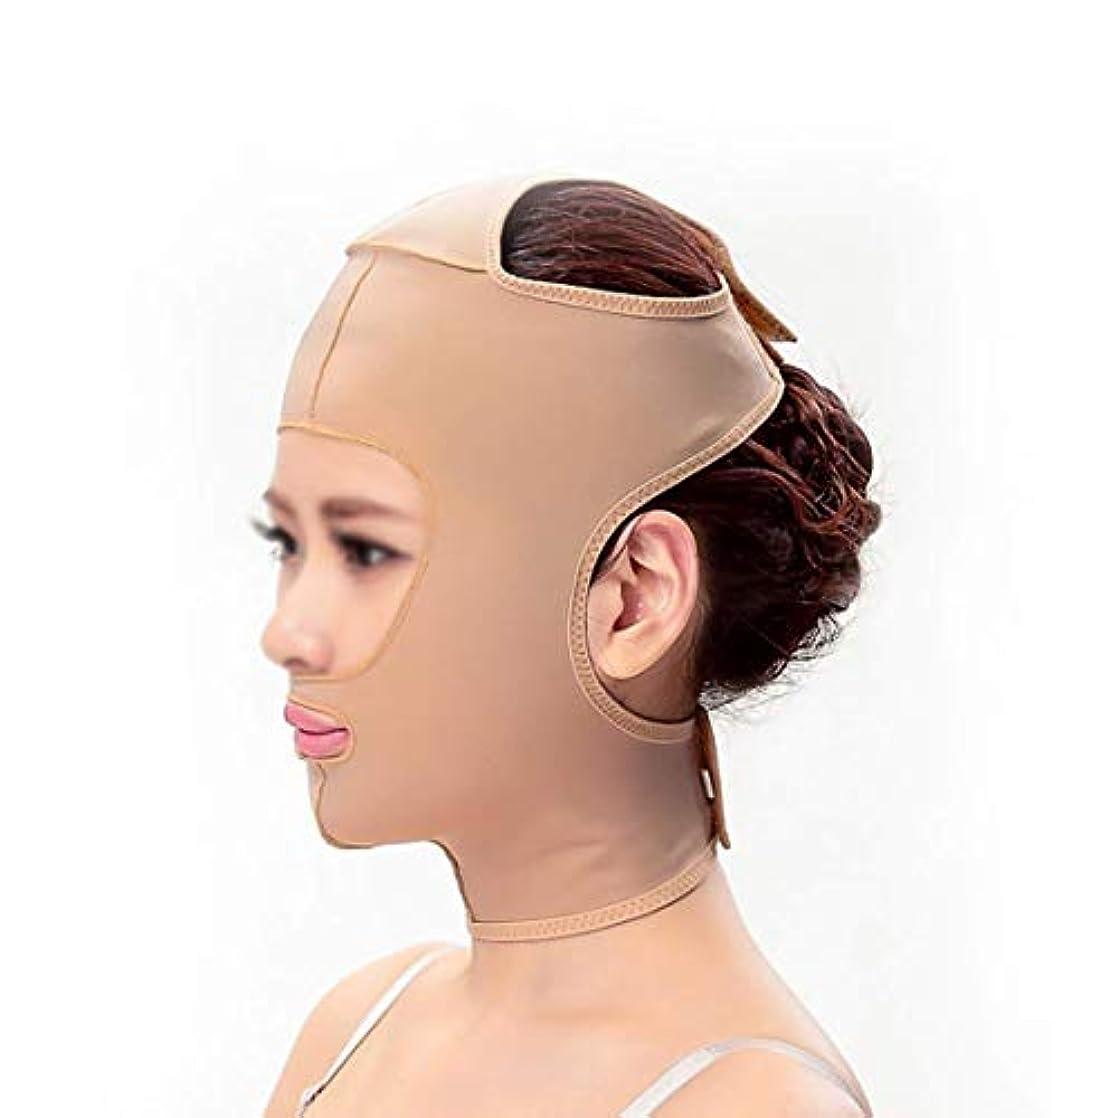 燃やす太字我慢するスリミングベルト、フェイシャルマスク薄いフェイスマスク布布パターンを持ち上げるダブルあご引き締めフェイシャルプラスチック顔アーティファクト強力な顔包帯(サイズ:XXL)